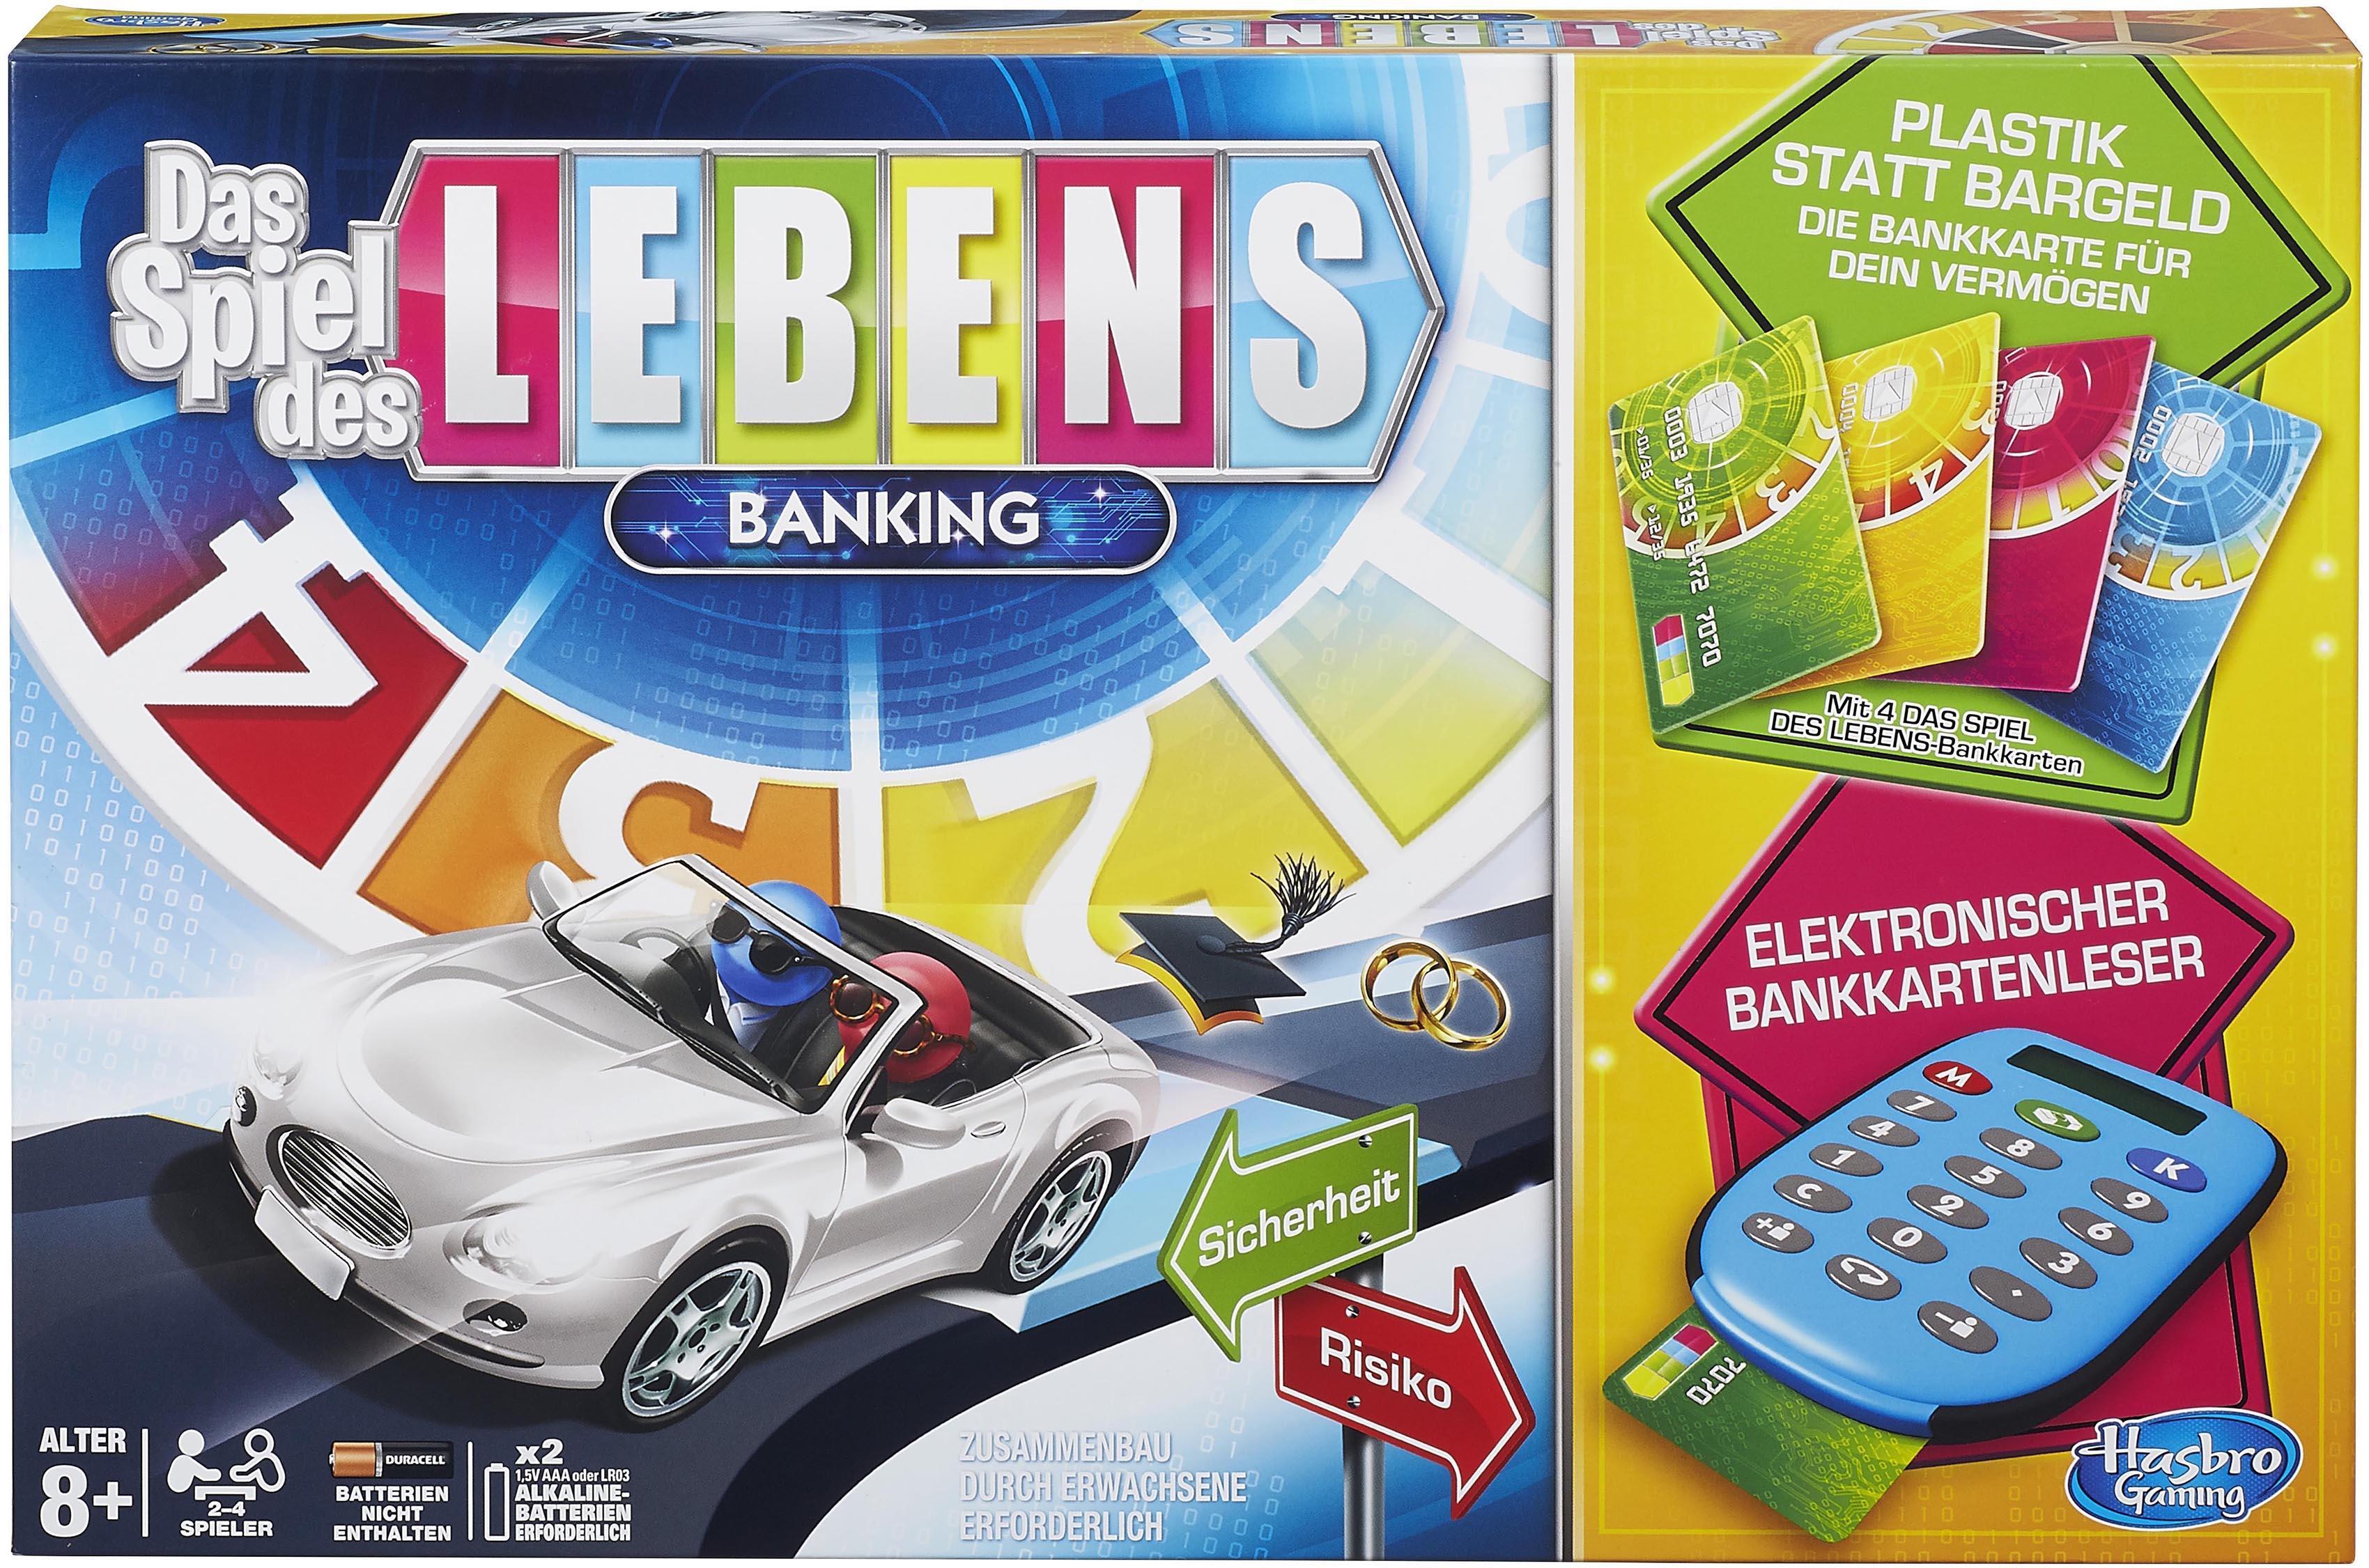 Das Spiel Des Lebens Banking